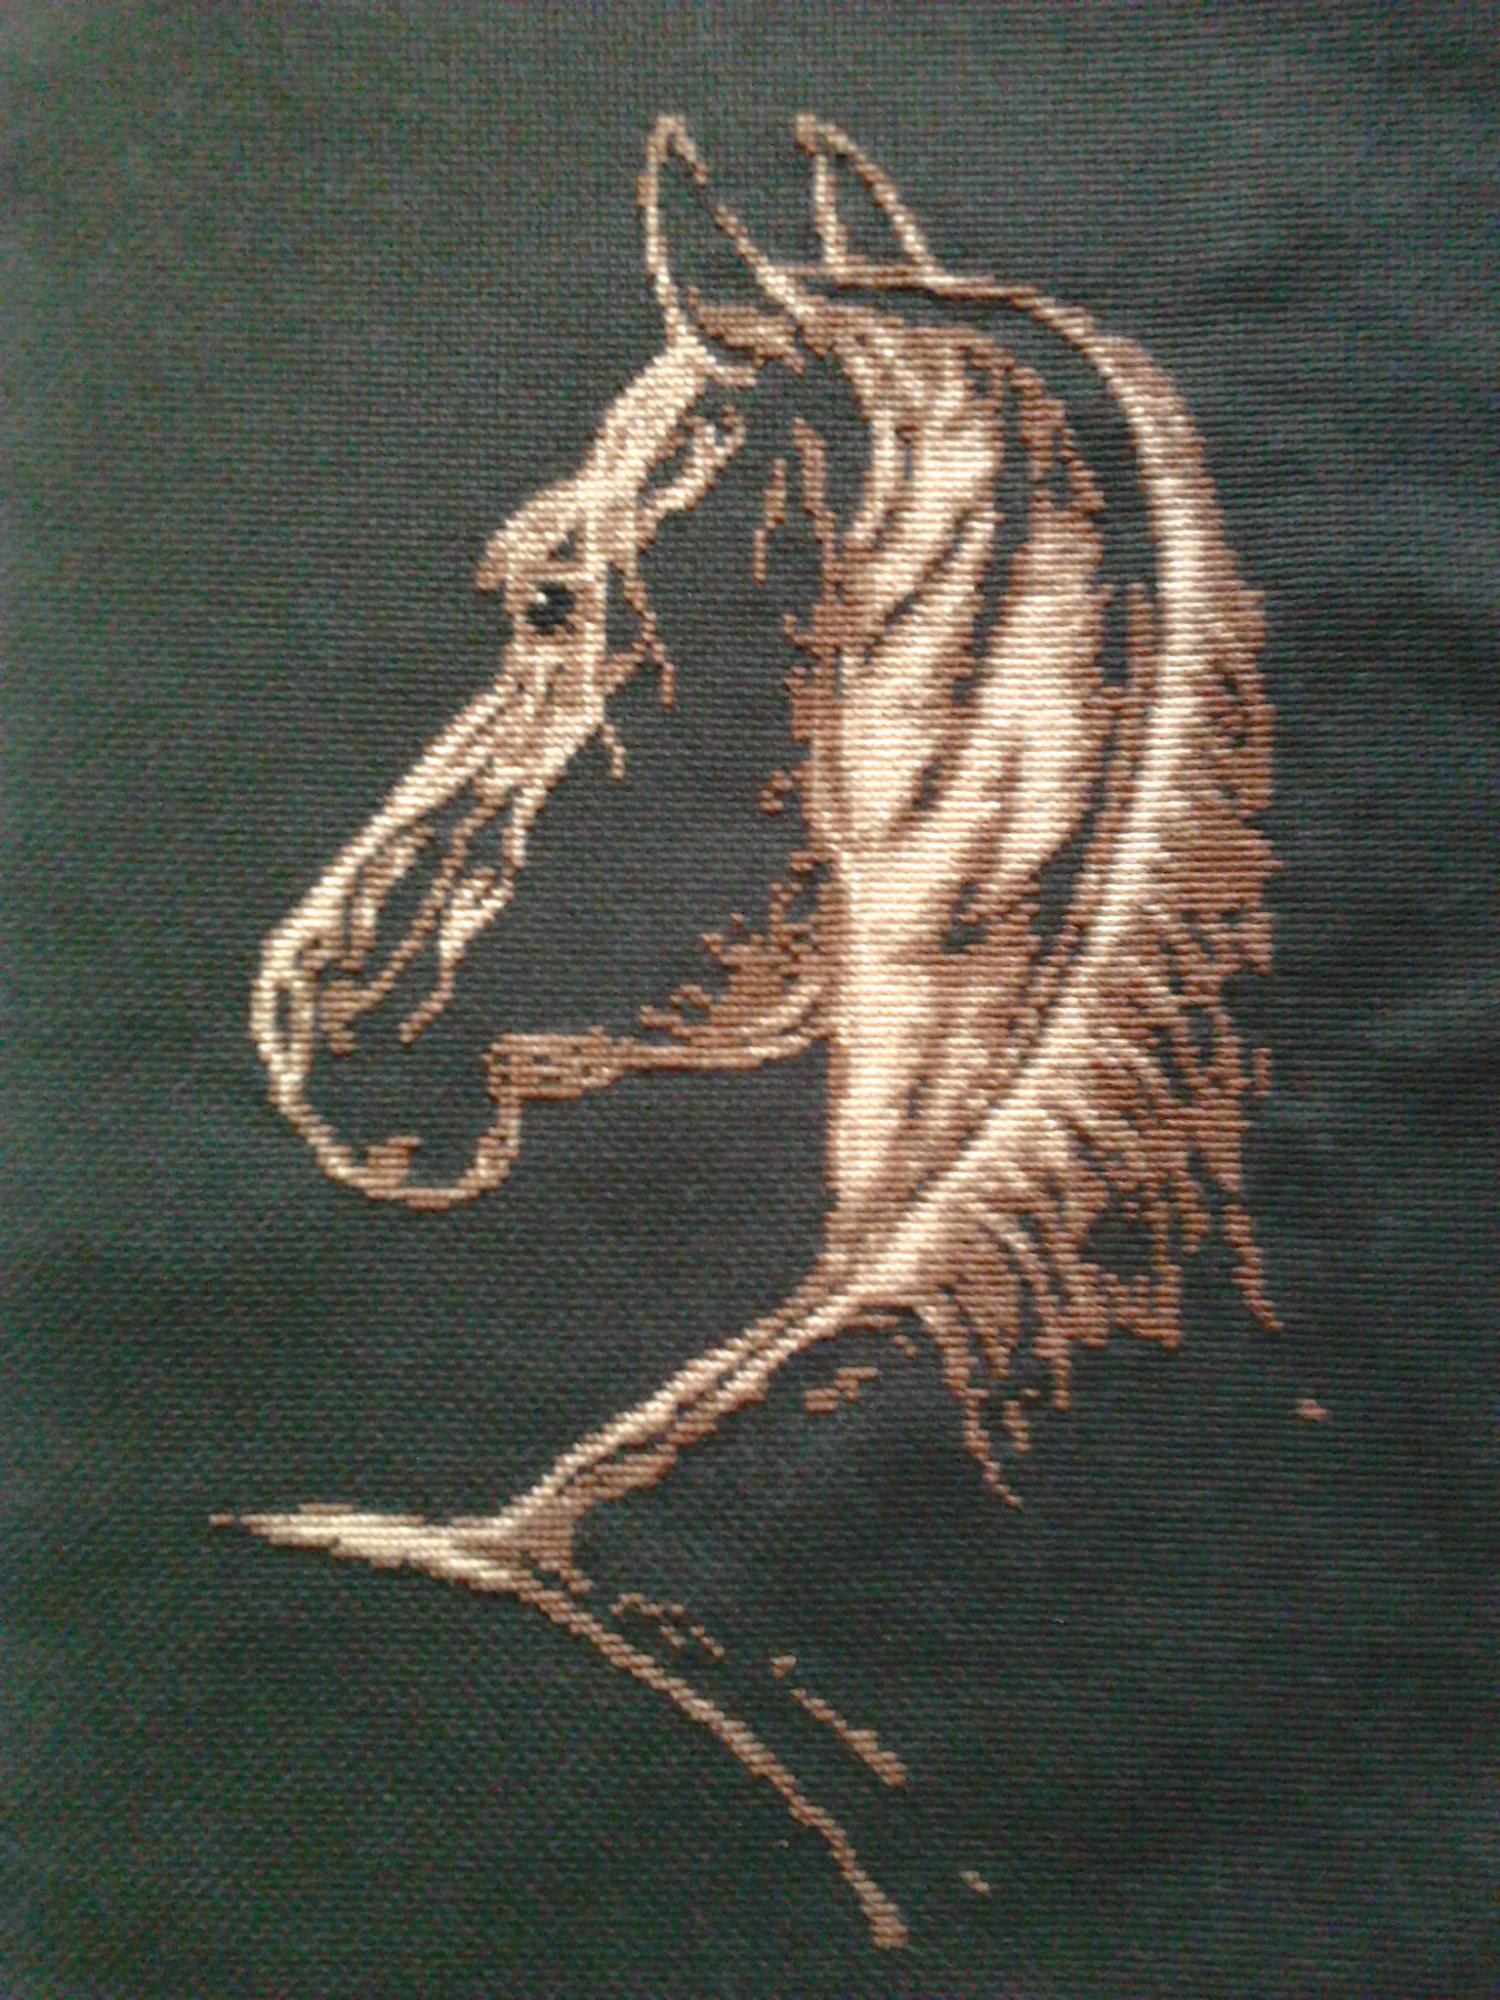 Купить вышивку бисером лошади в интернет-магазине с доставкой 54